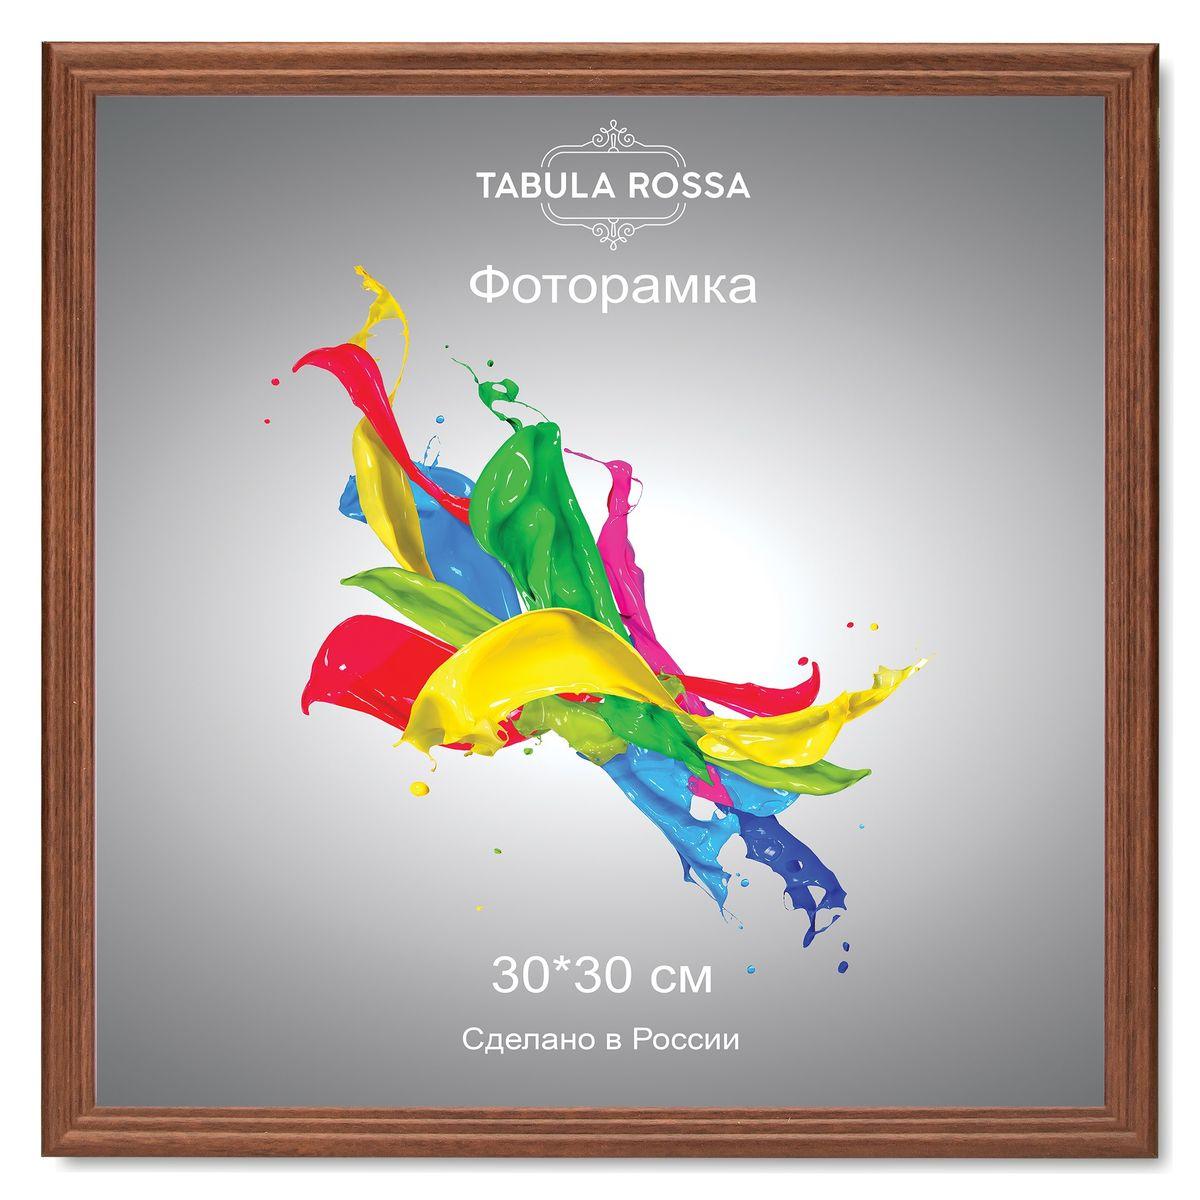 Фоторамка Tabula Rossa, цвет: орех, 30 х 30 см. ТР 5141ТР 5118Фоторамка Tabula Rossa выполнена в классическом стиле из высококачественного МДФ и стекла, защищающего фотографию. Оборотная сторона рамки оснащена специальной ножкой, благодаря которой ее можно поставить на стол или любое другое место в доме или офисе. Также изделие дополнено двумя специальными креплениями для подвешивания на стену.Такая фоторамка не теряет своих свойств со временем, не деформируется и не выцветает. Она поможет вам оригинально и стильно дополнить интерьер помещения, а также позволит сохранить память о дорогих вам людях и интересных событиях вашей жизни.